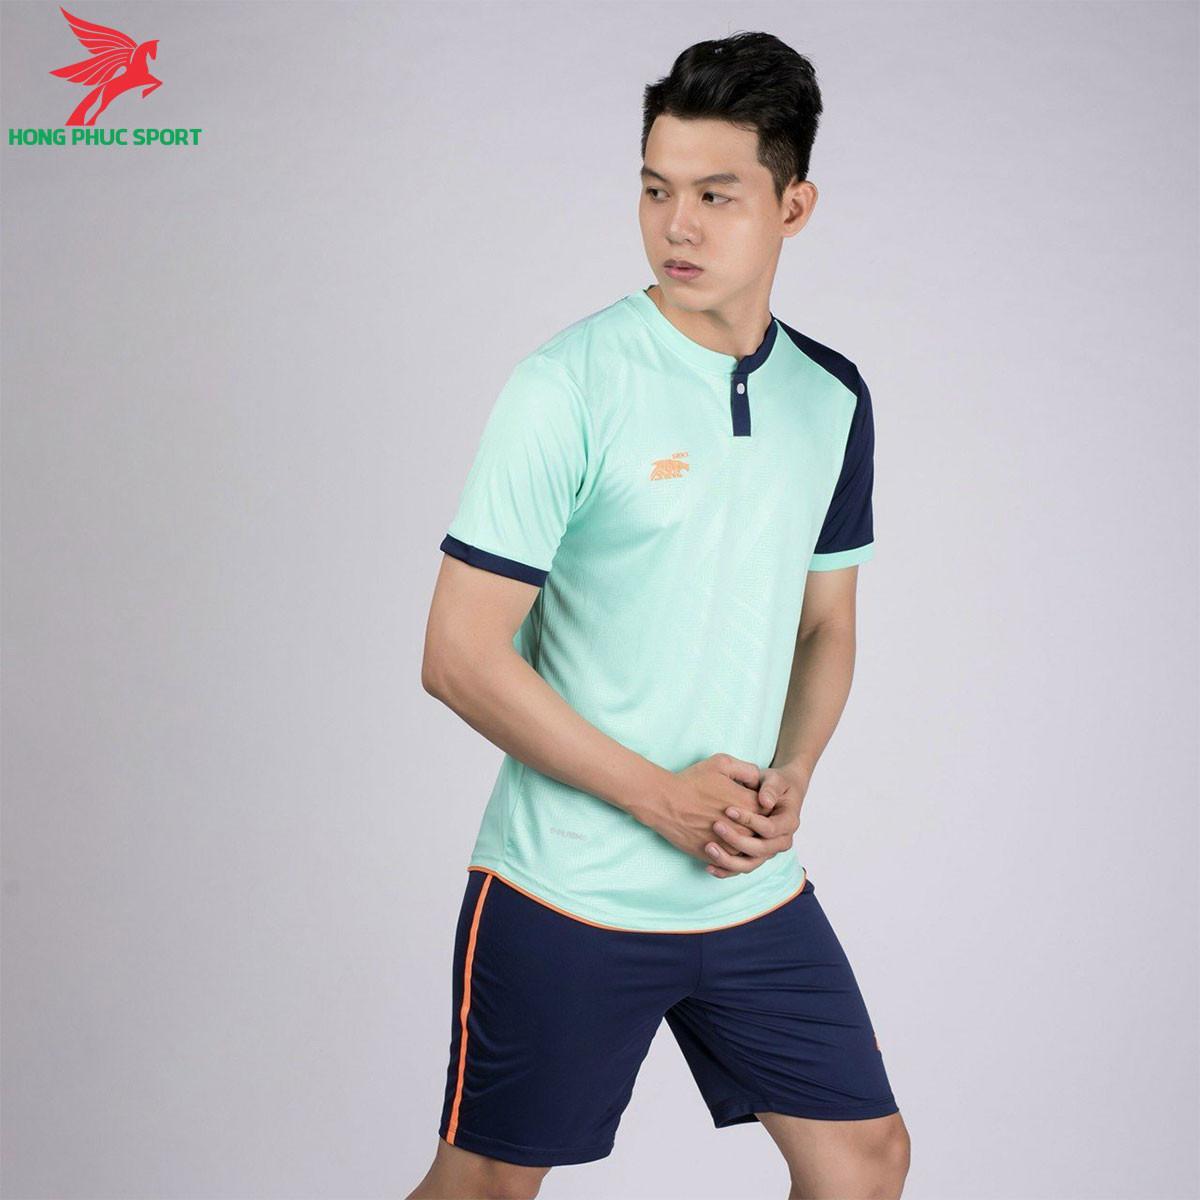 áo bóng đá không logo Riki Lostoran xanh ngọc